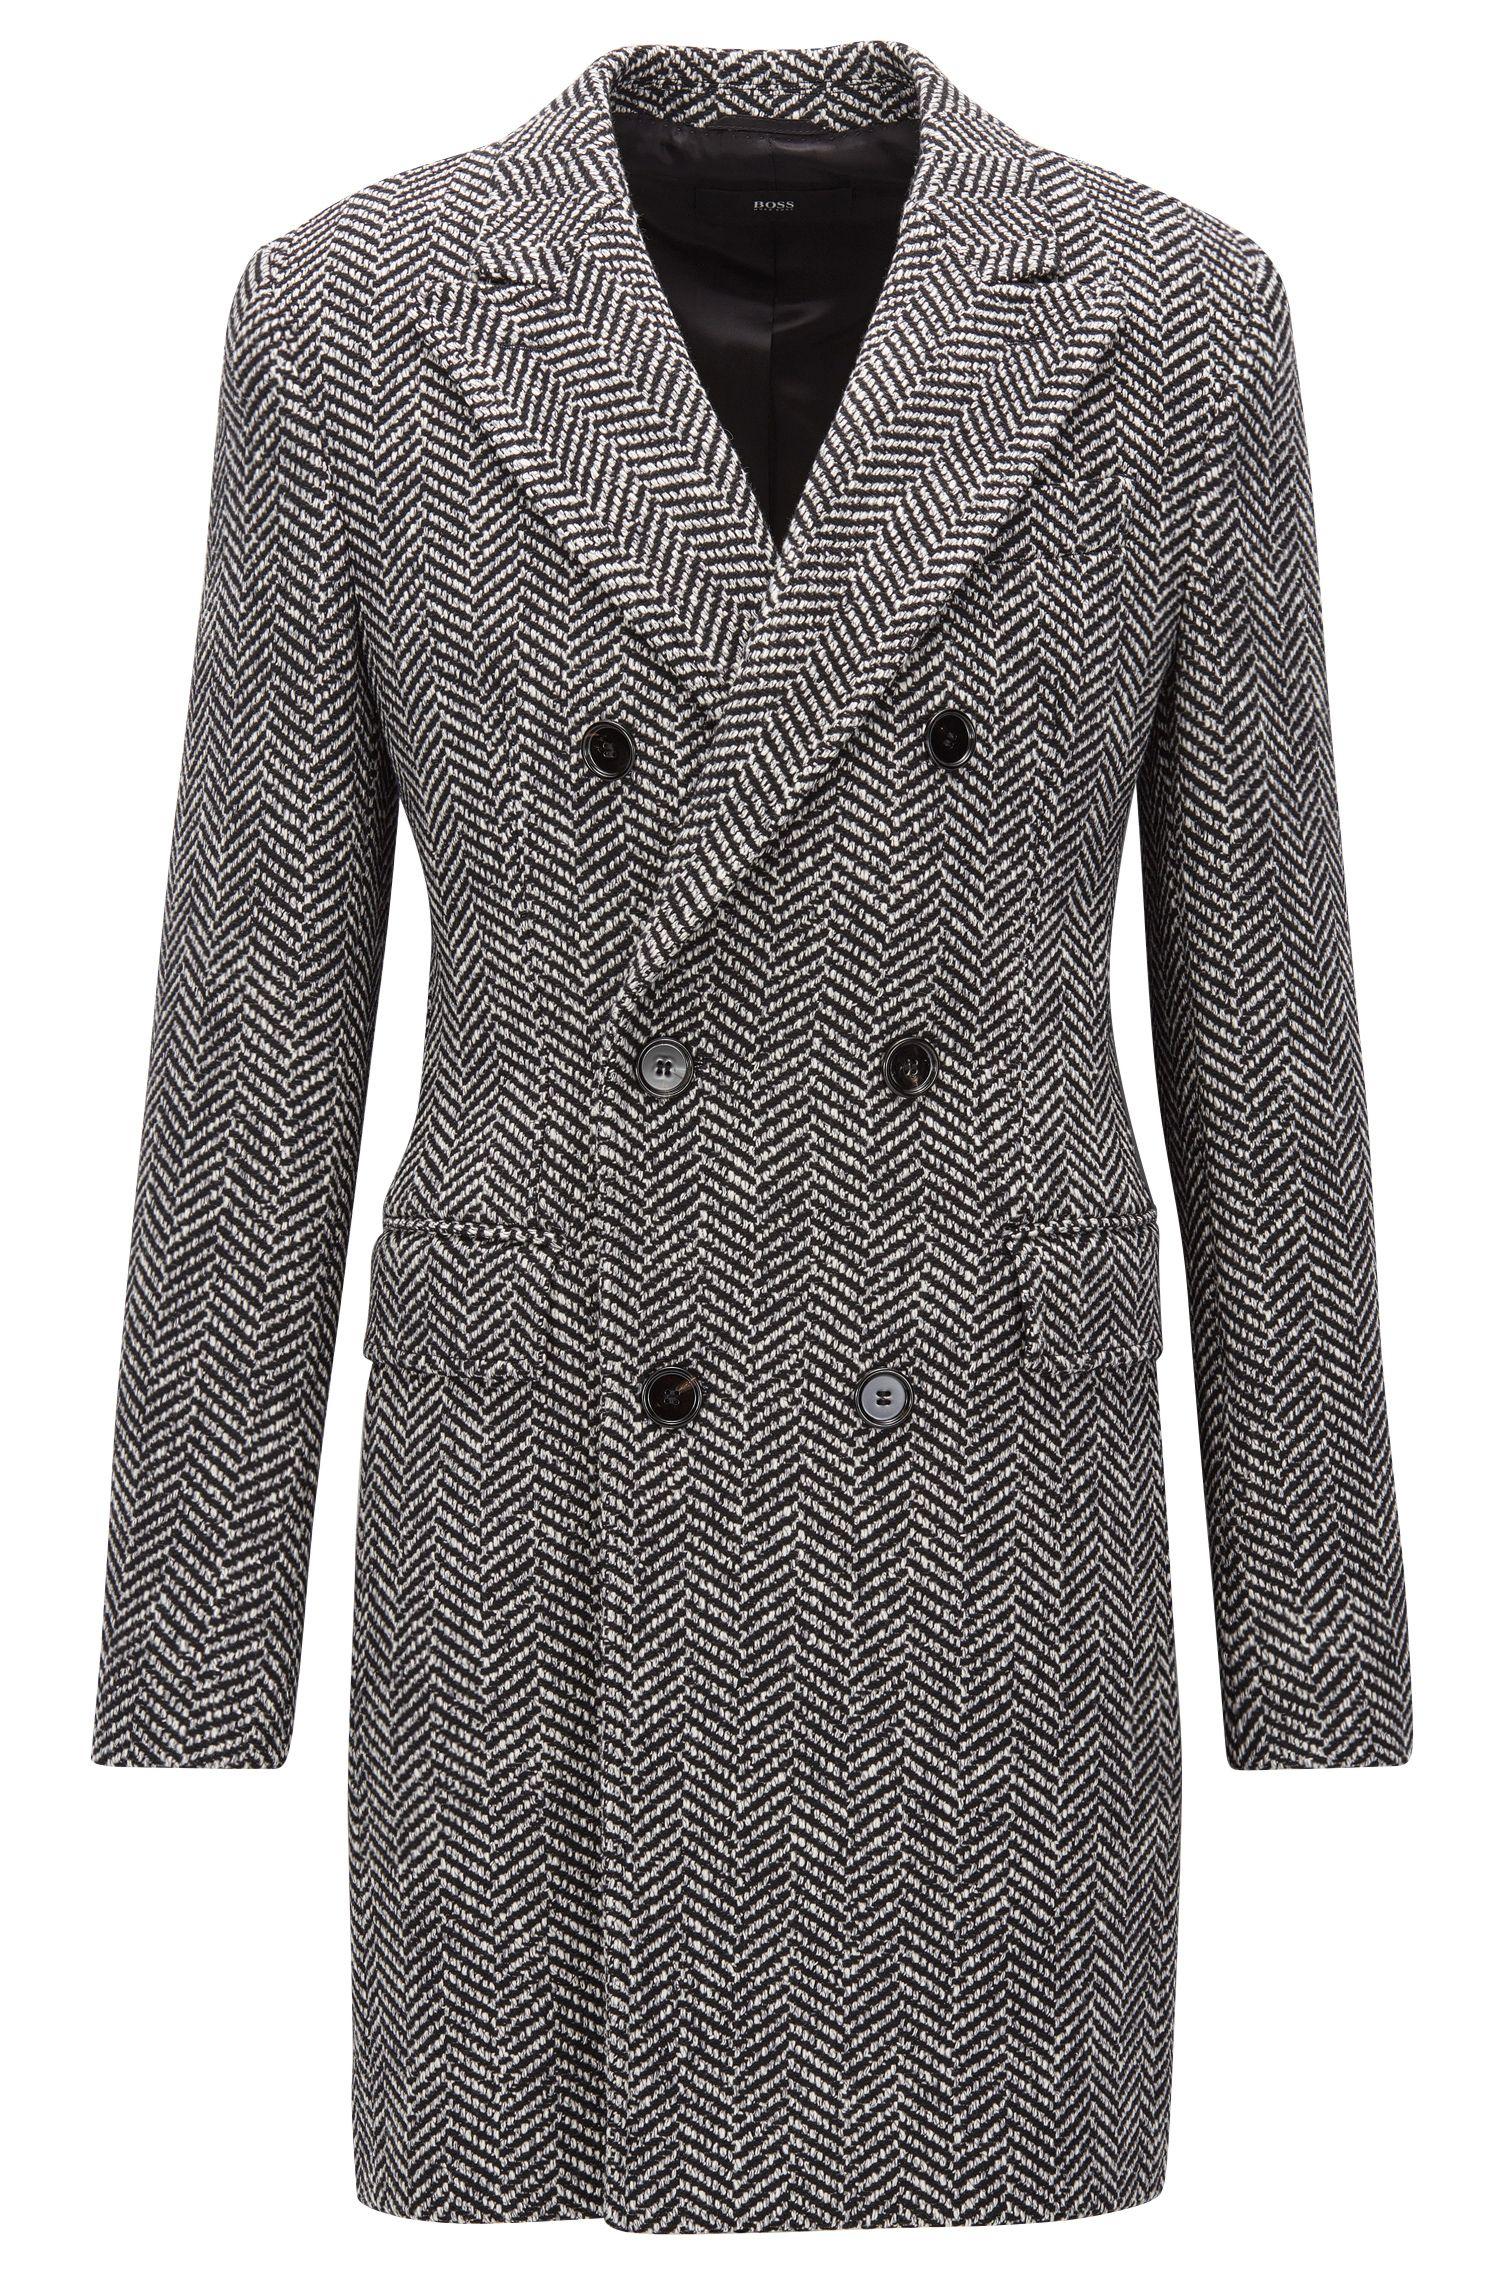 Manteau croisé Slim Fit à chevrons